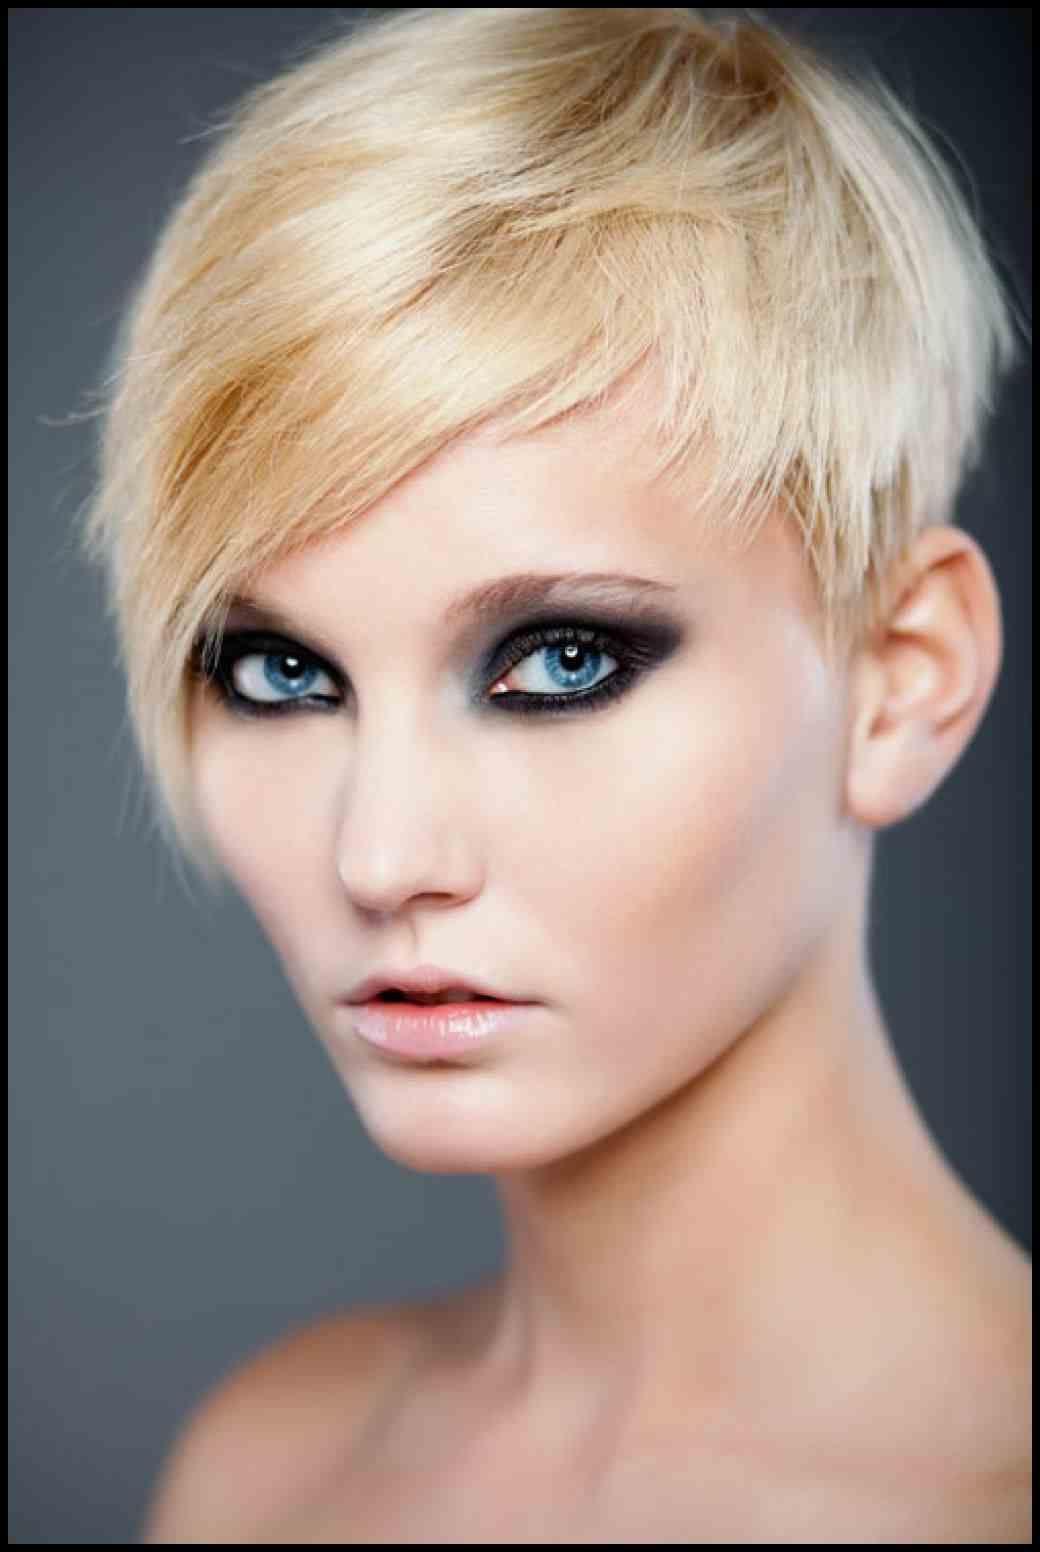 Asymmetrische Kurze Haarschnitte Für Teenager-Mädchen Bfdf